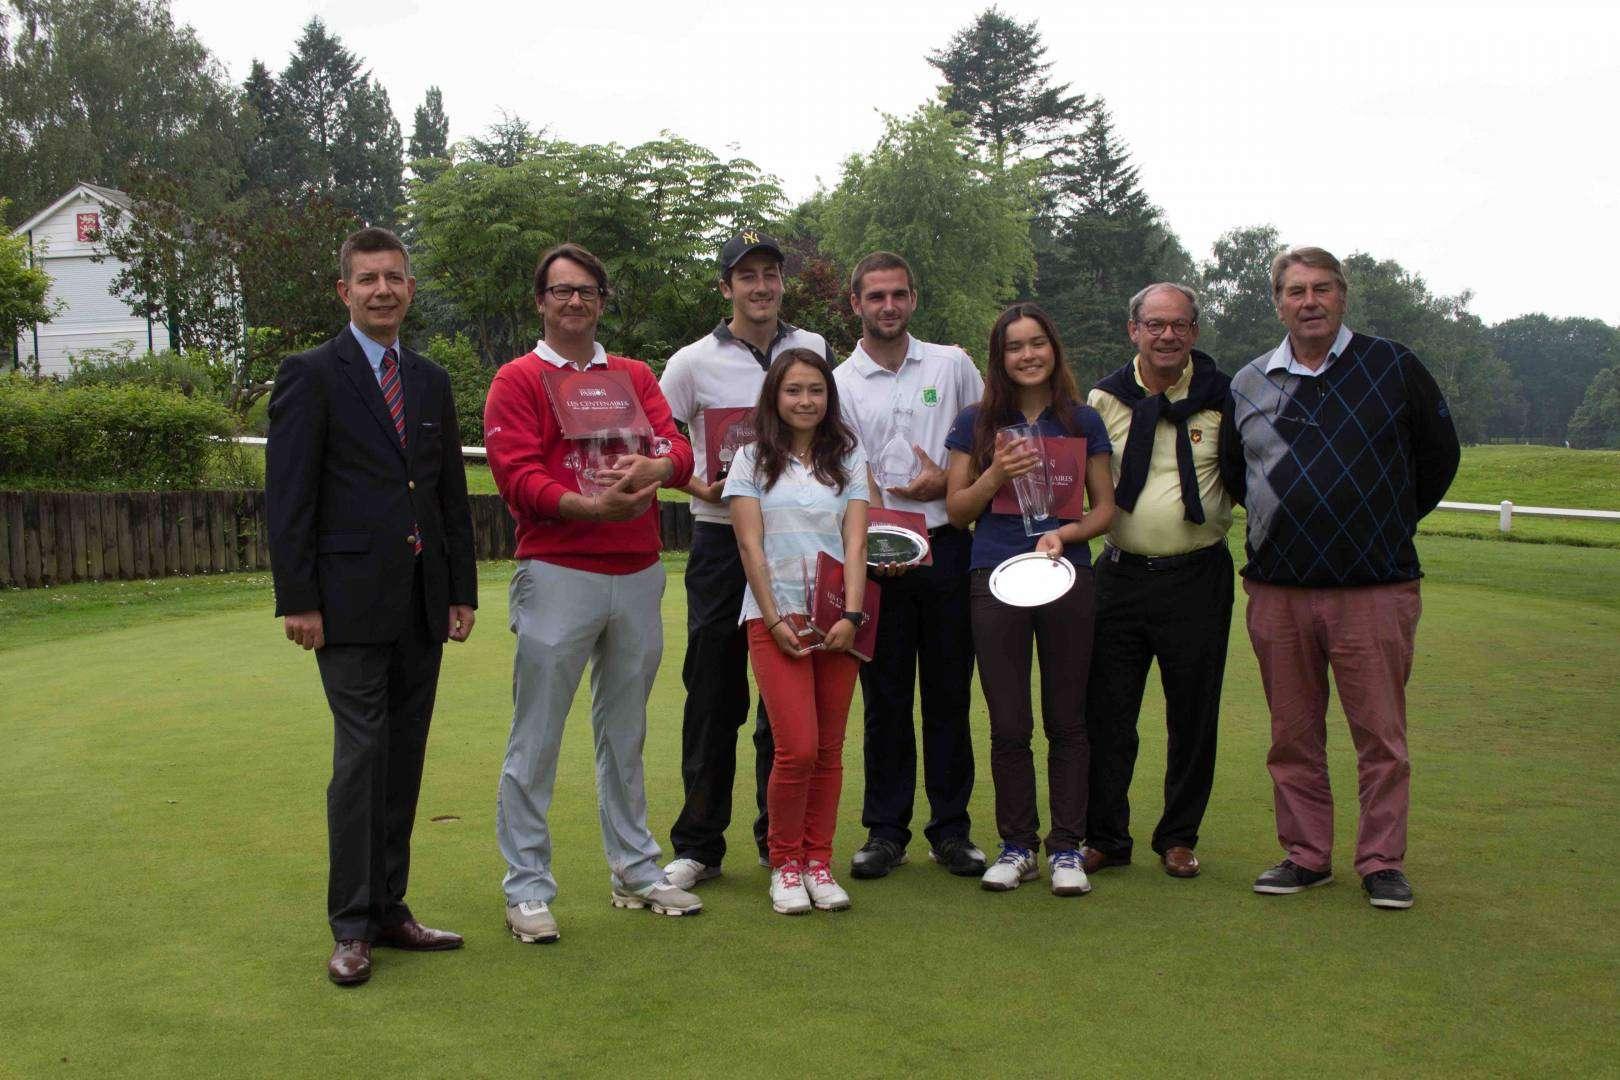 De g. à dr. : JM Deverre (Pdt CS), Thomas Tchiarnevski (2e H), Vincent Boubetra (3e H), Alexandra Codet (2e D), Jack Lee (vainqueur H), Elisabeth Codet (vainqueur D), P. Lordereau (Pdt Ligue), H. Bonutto (Pdt du Golf Rouen MSA).